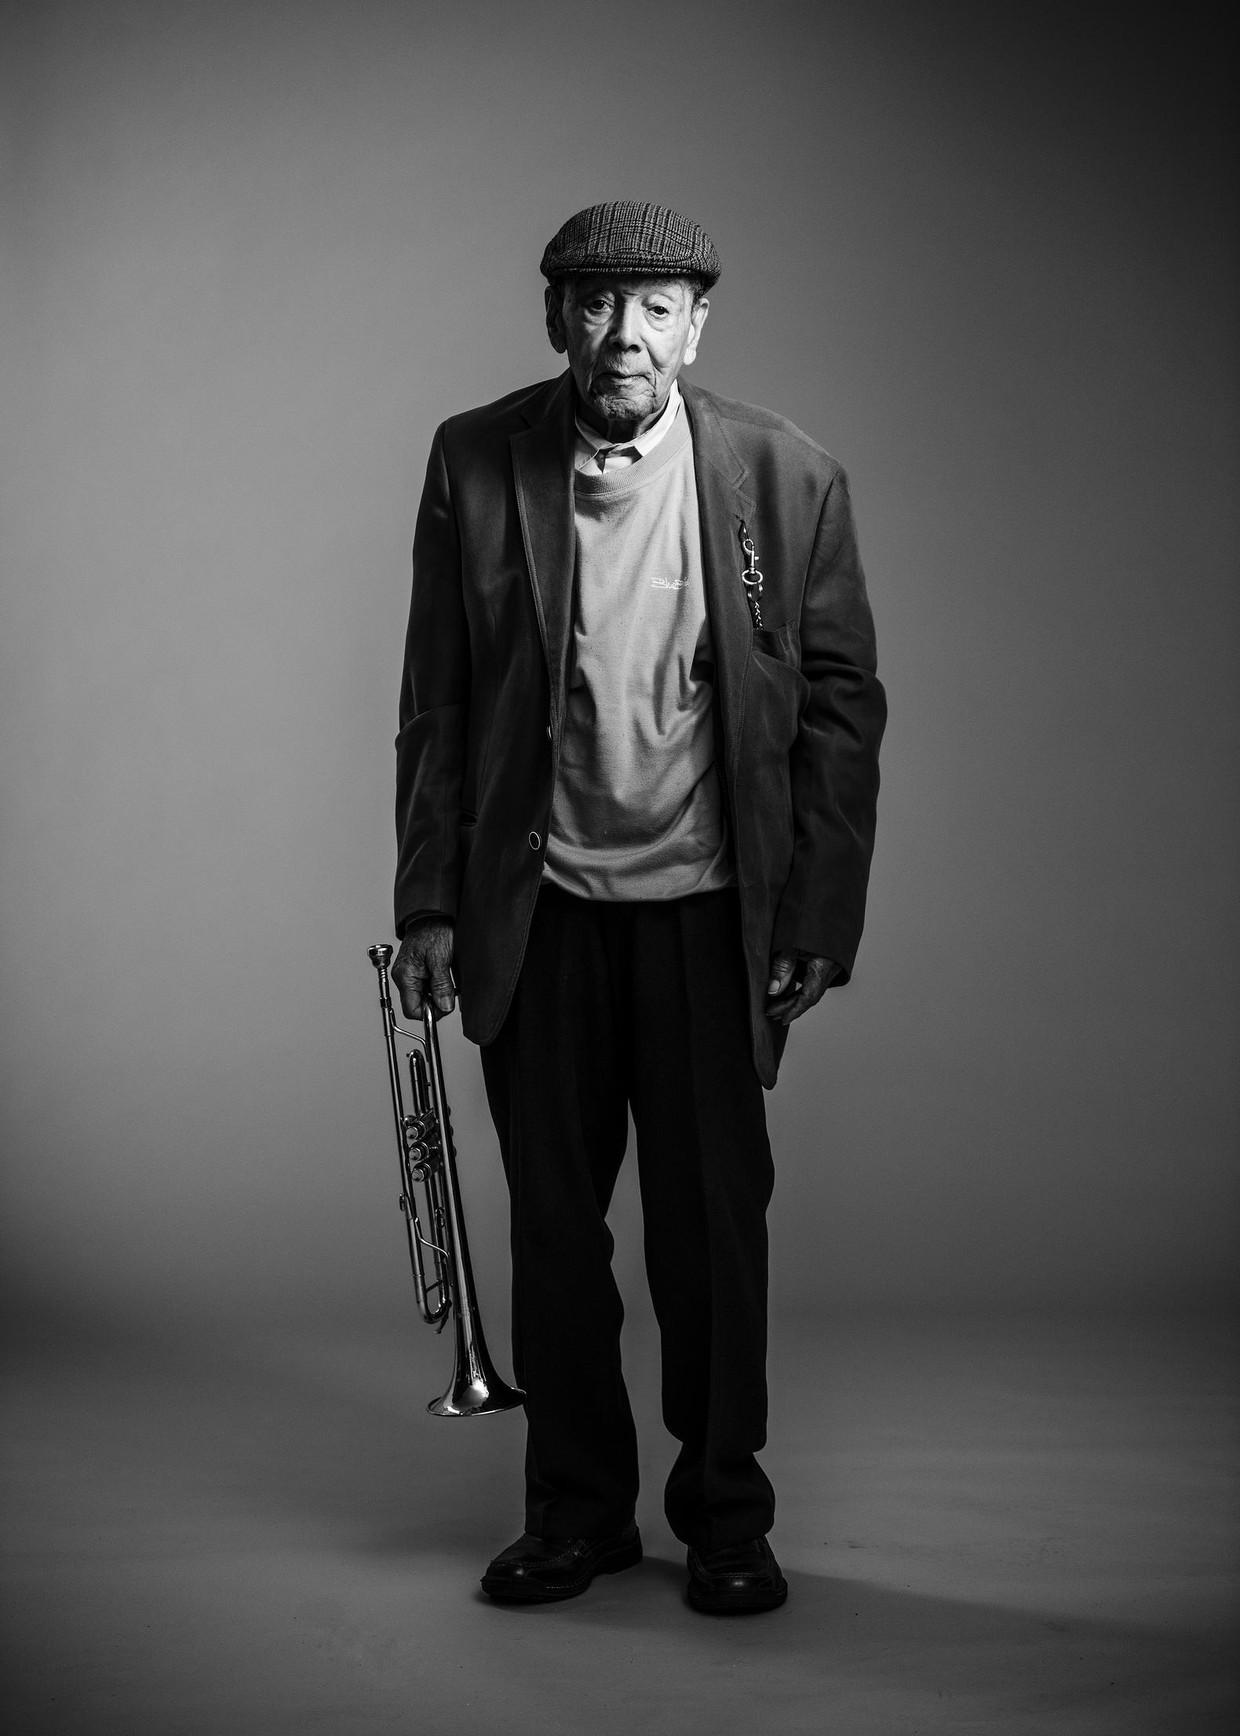 Ado-Broodboom-3.-Foto-Frank-Ruiter Ado Broodboom, een trompet en een ijzersterk instinct